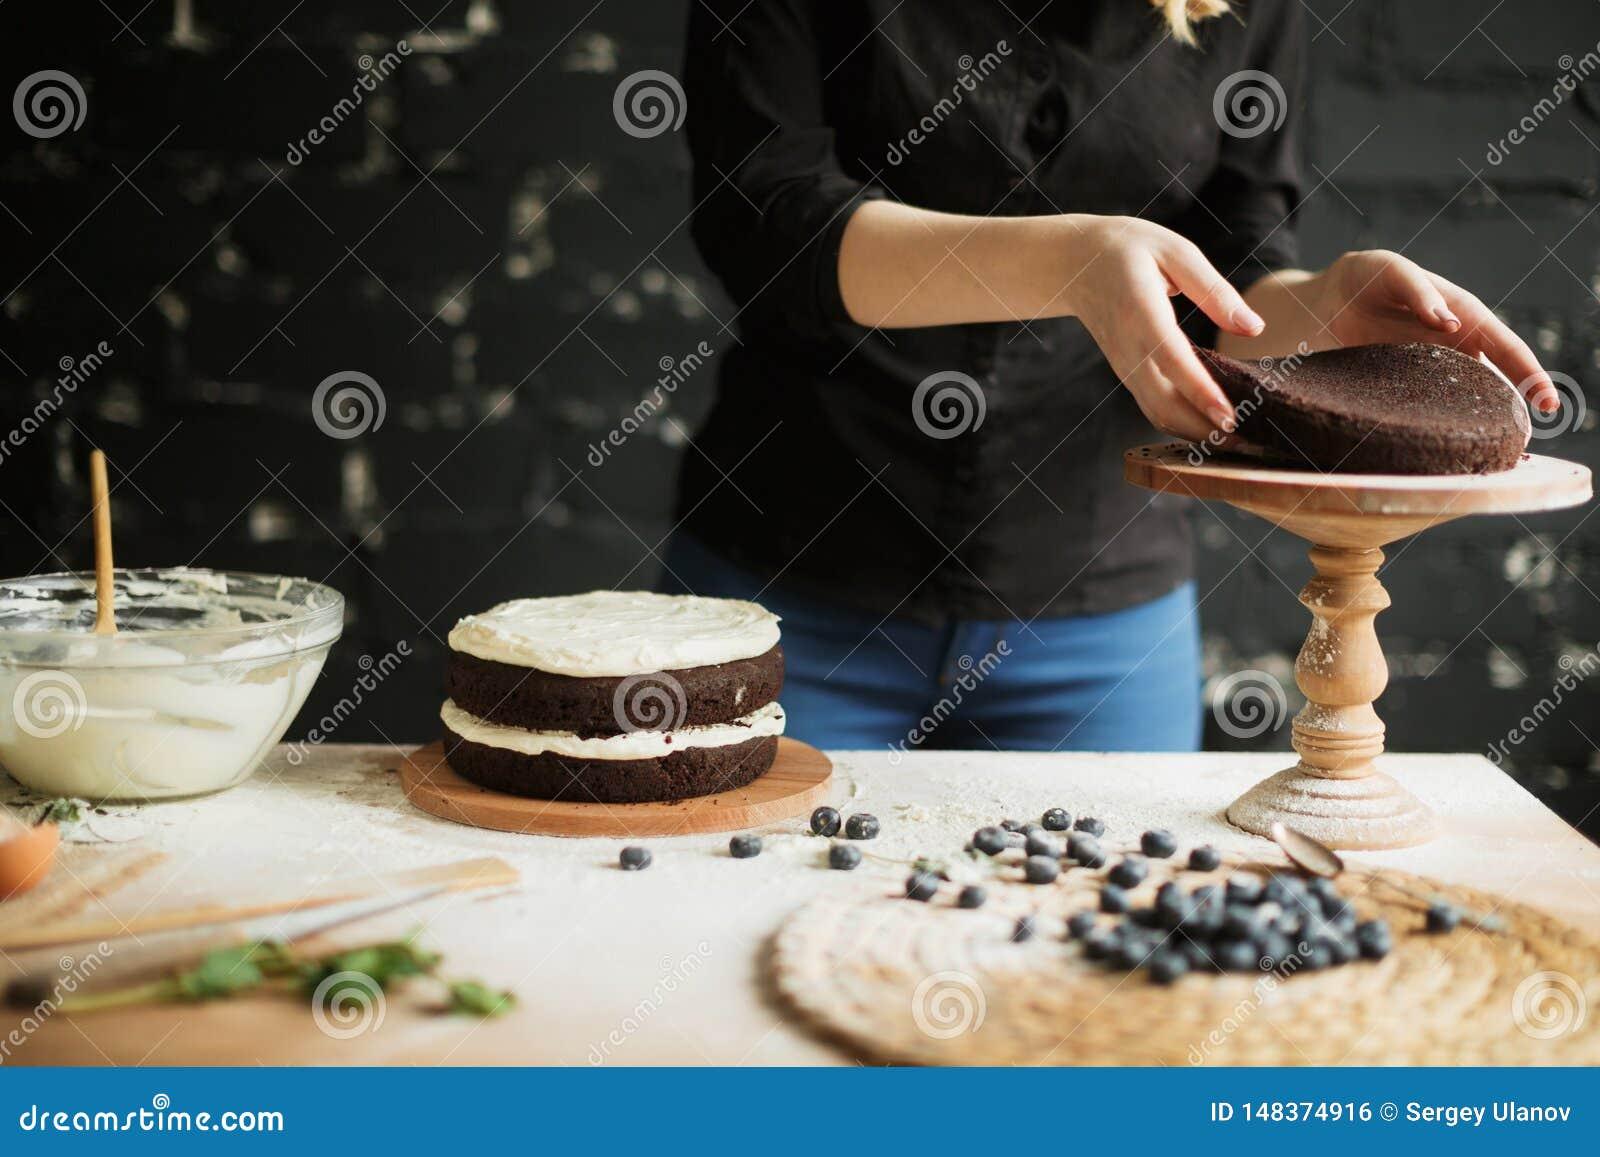 Cuisson du g?teau sur la table et cuisson des ingr?dients de g?teau